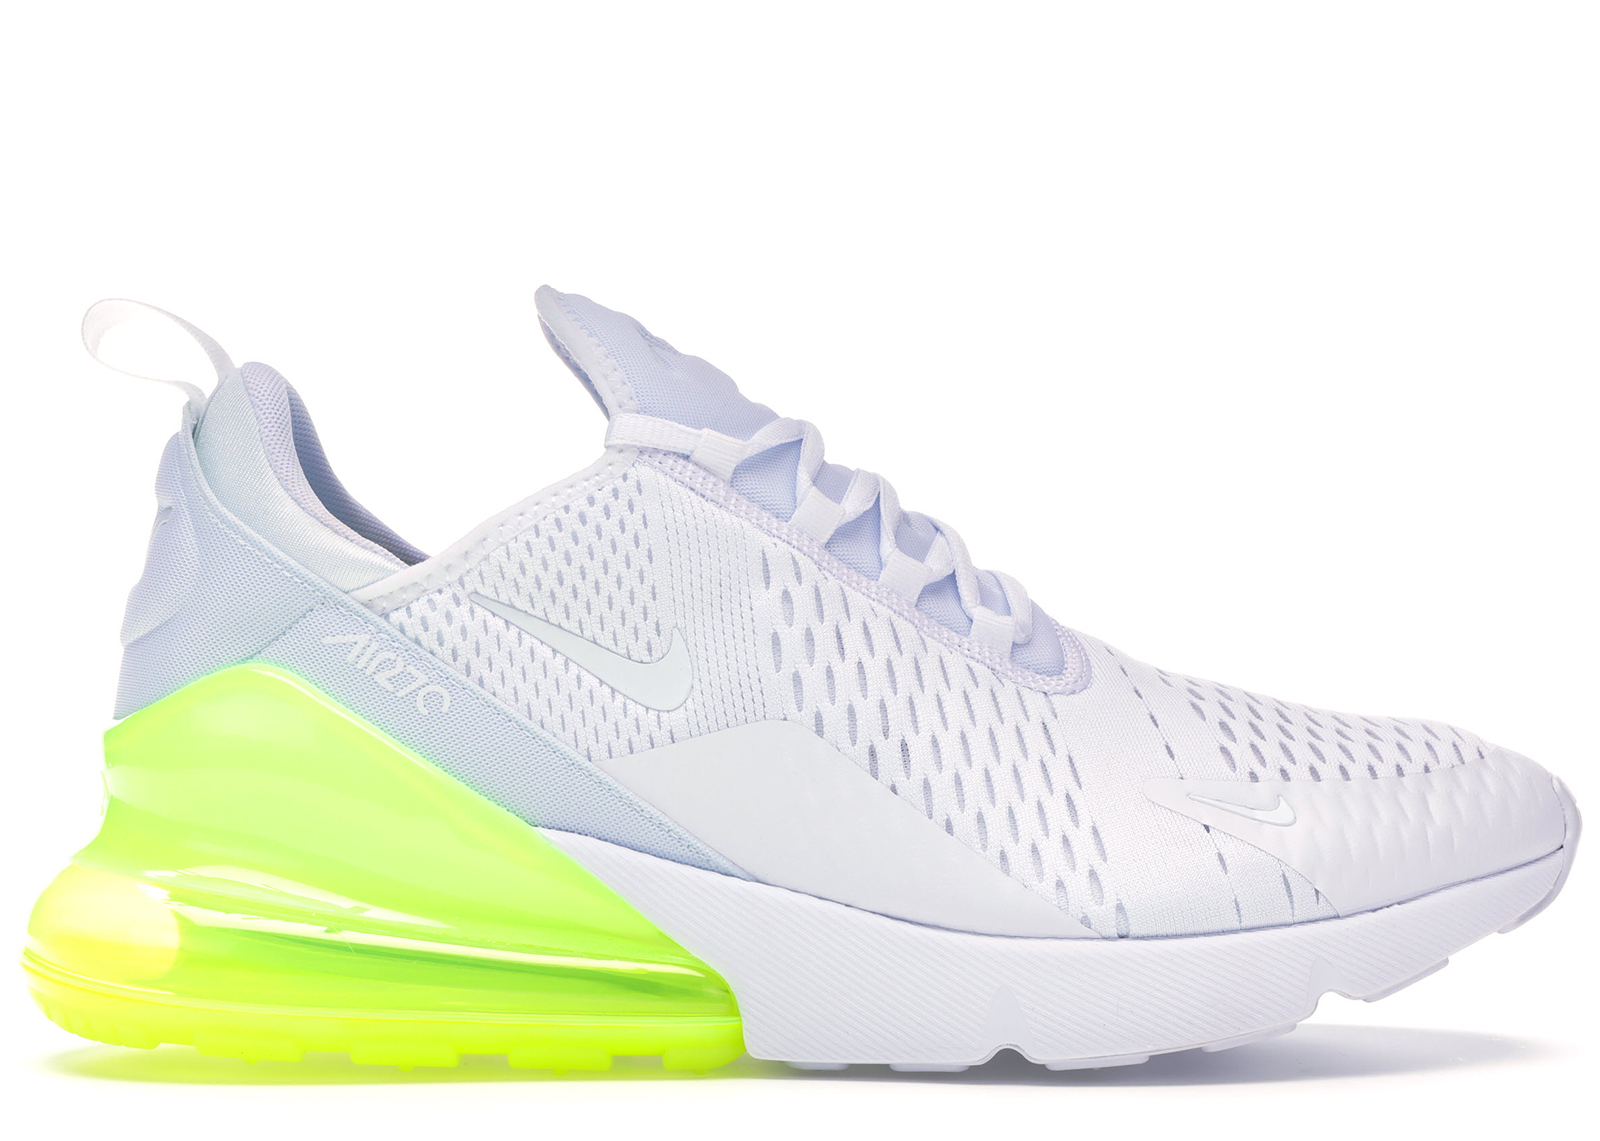 Nike Air Max 270 White Pack (Volt